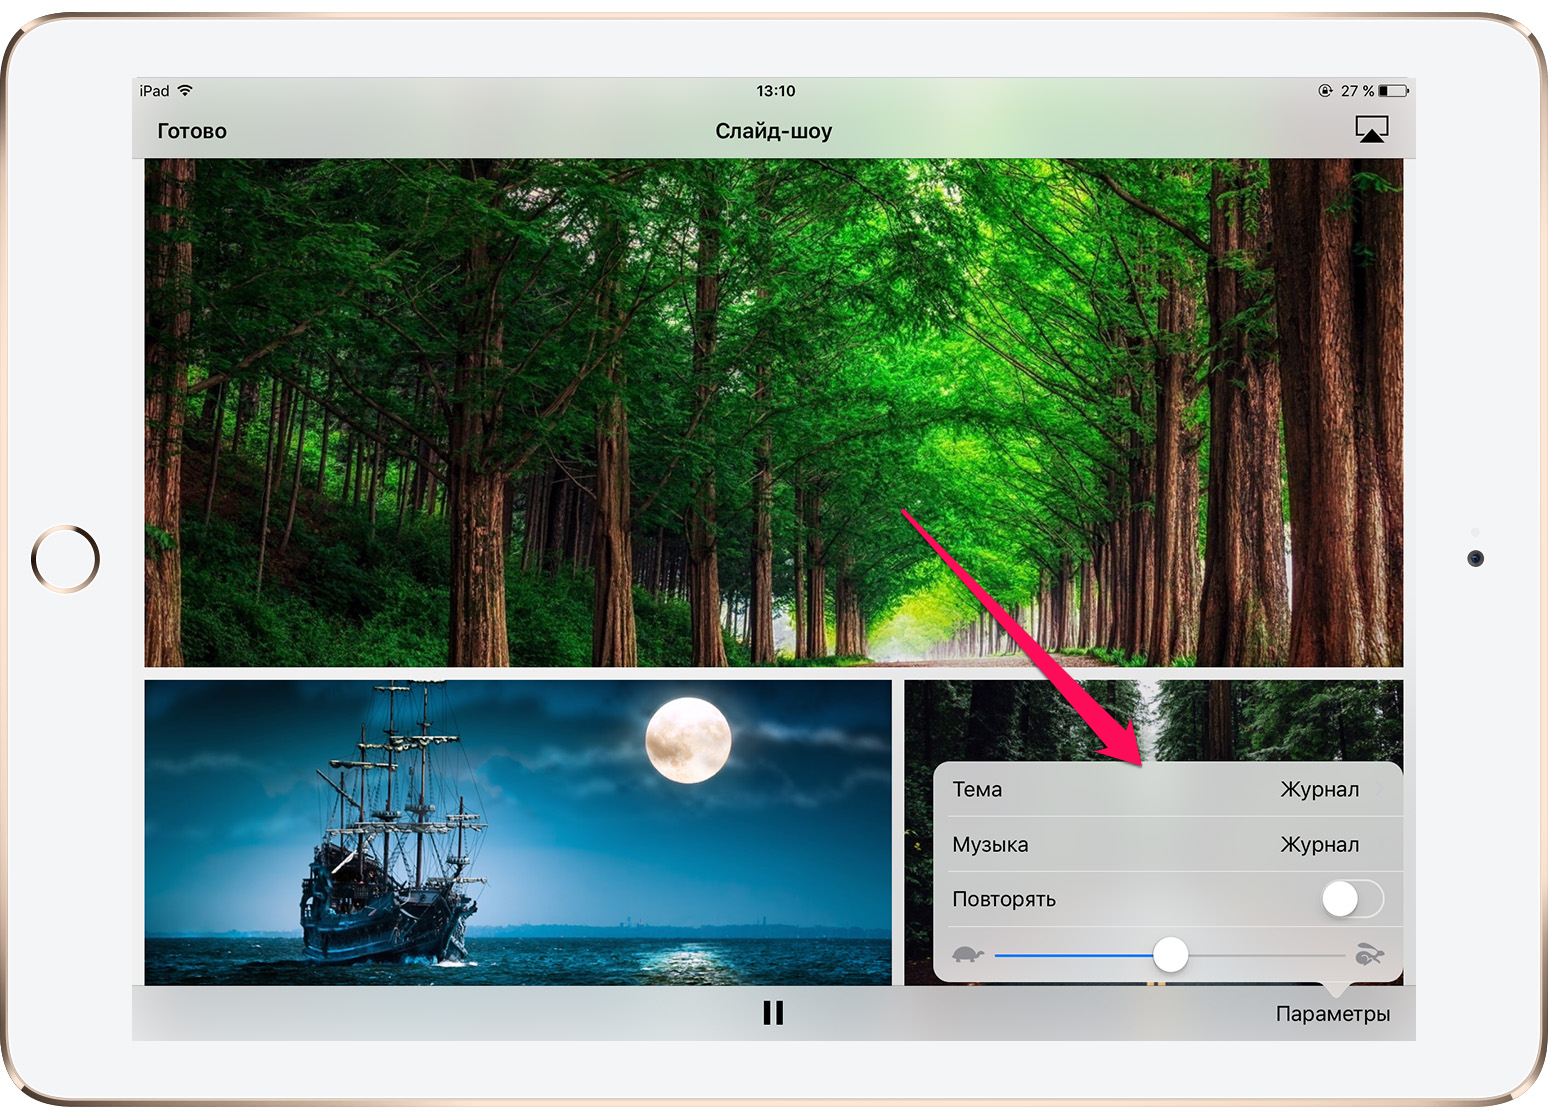 Как смотреть фотографии наiPhone или iPad врежиме слайд-шоу